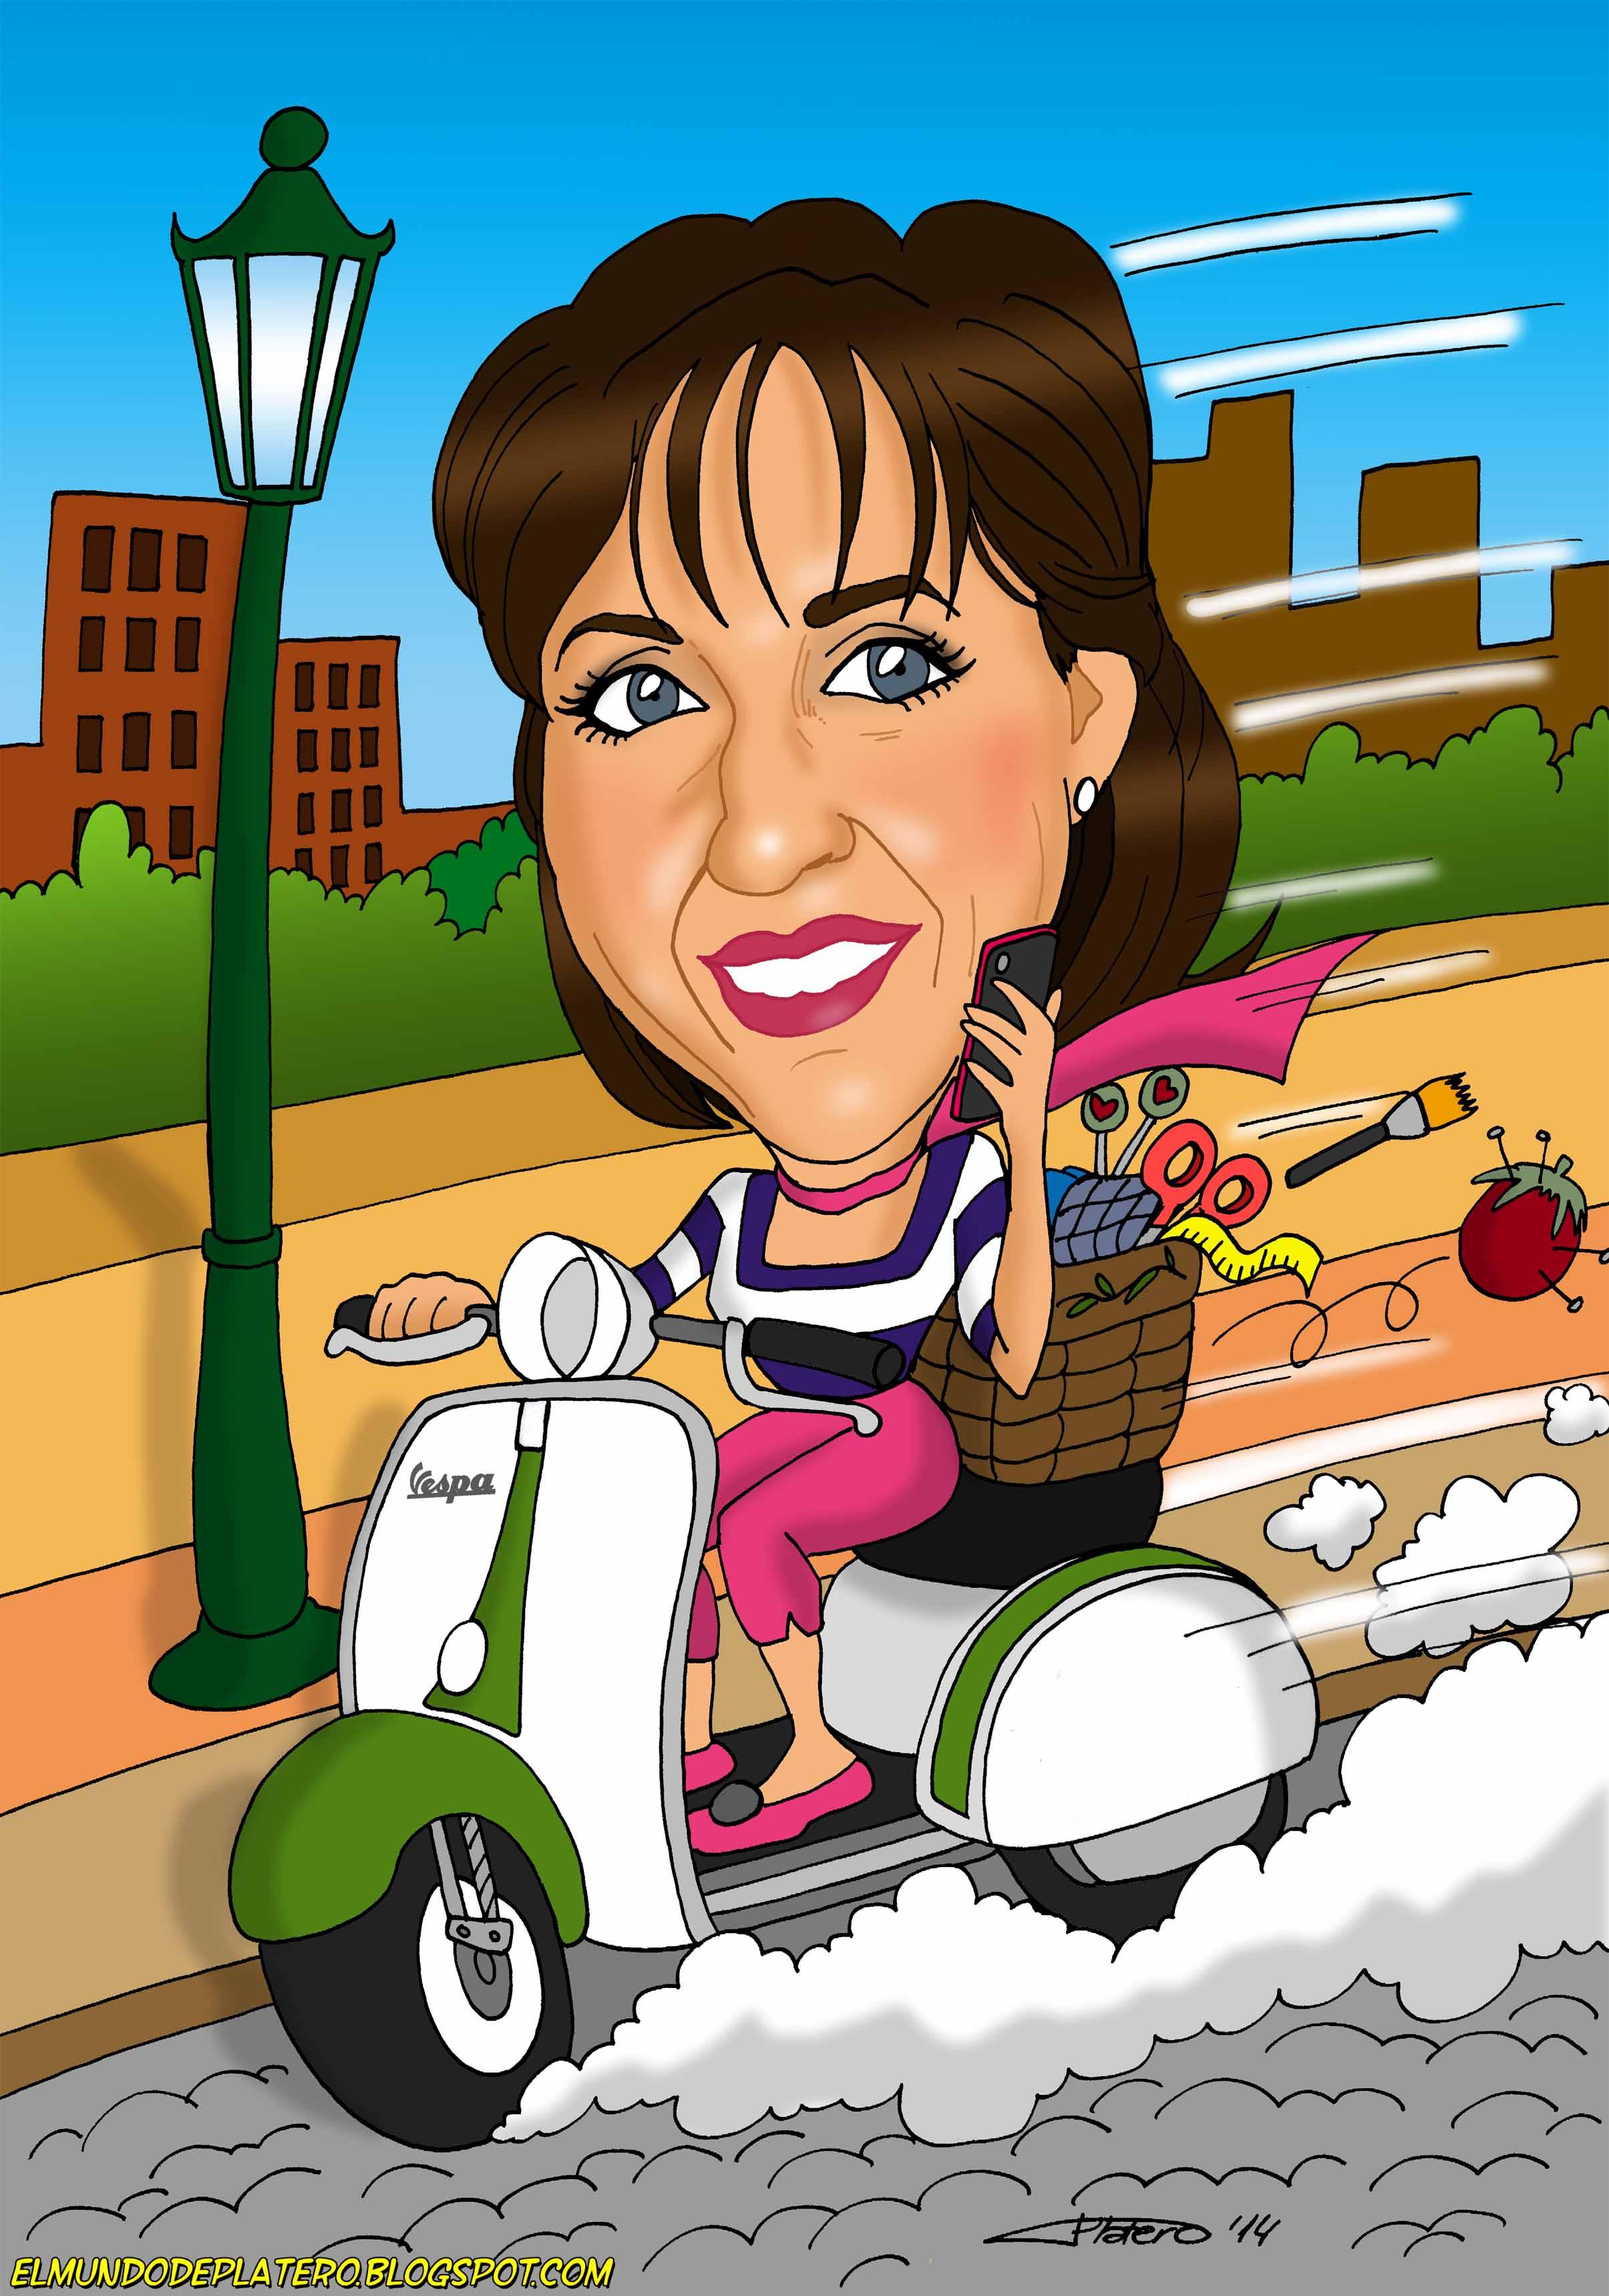 caricaturas a color por encargo personalizadas_mujer en vespa_platerocaricaturas